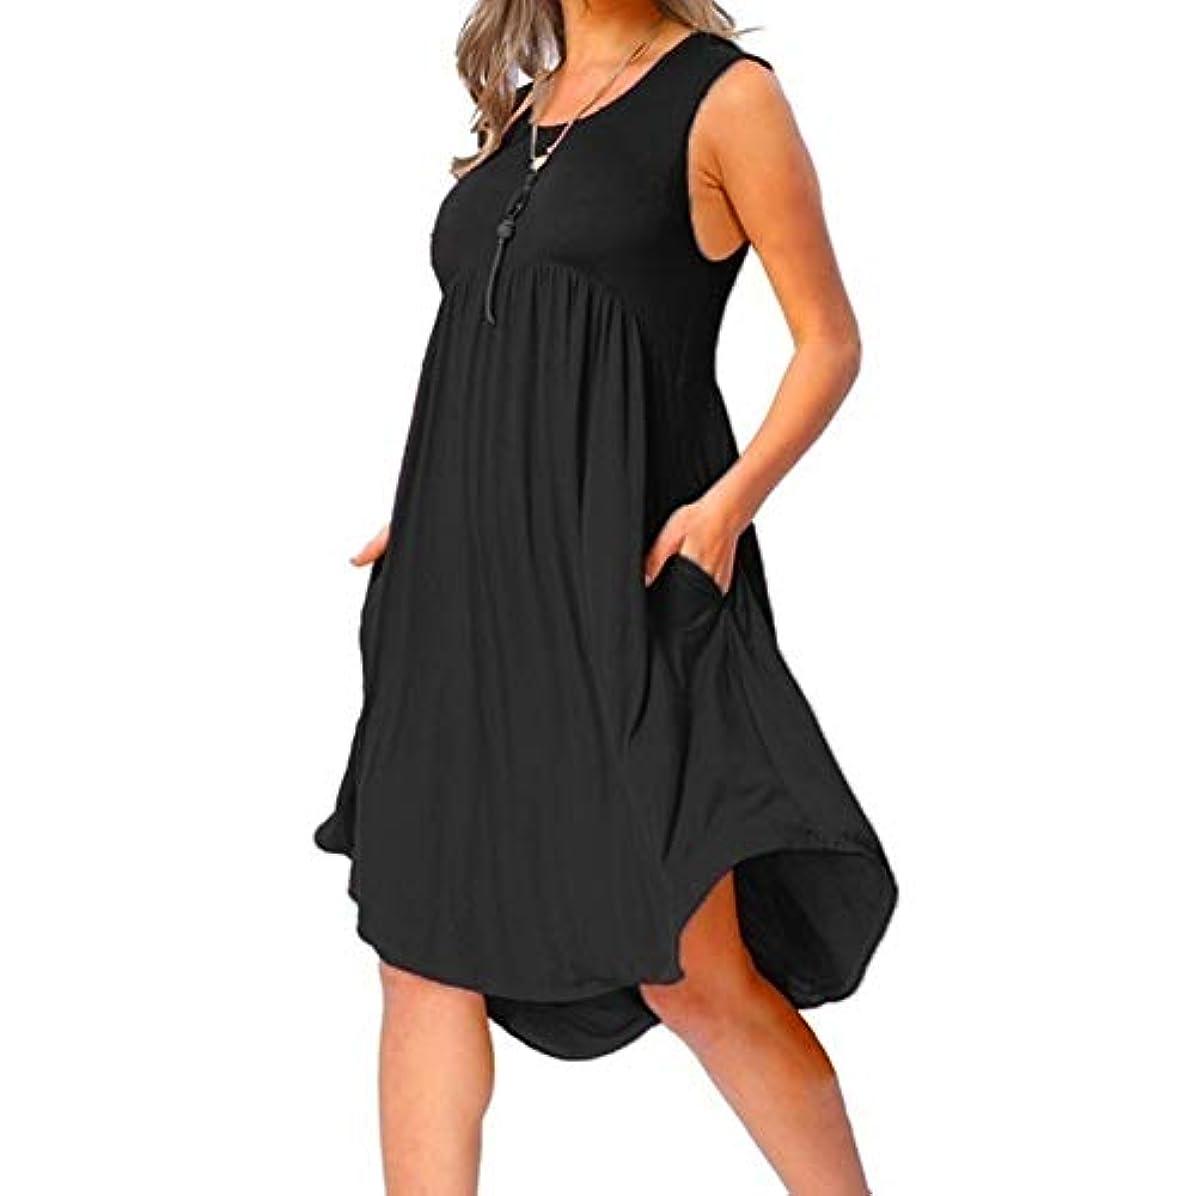 クリーナー直径パドルMIFAN の女性のドレスカジュアルな不規則なドレスルースサマービーチTシャツドレス